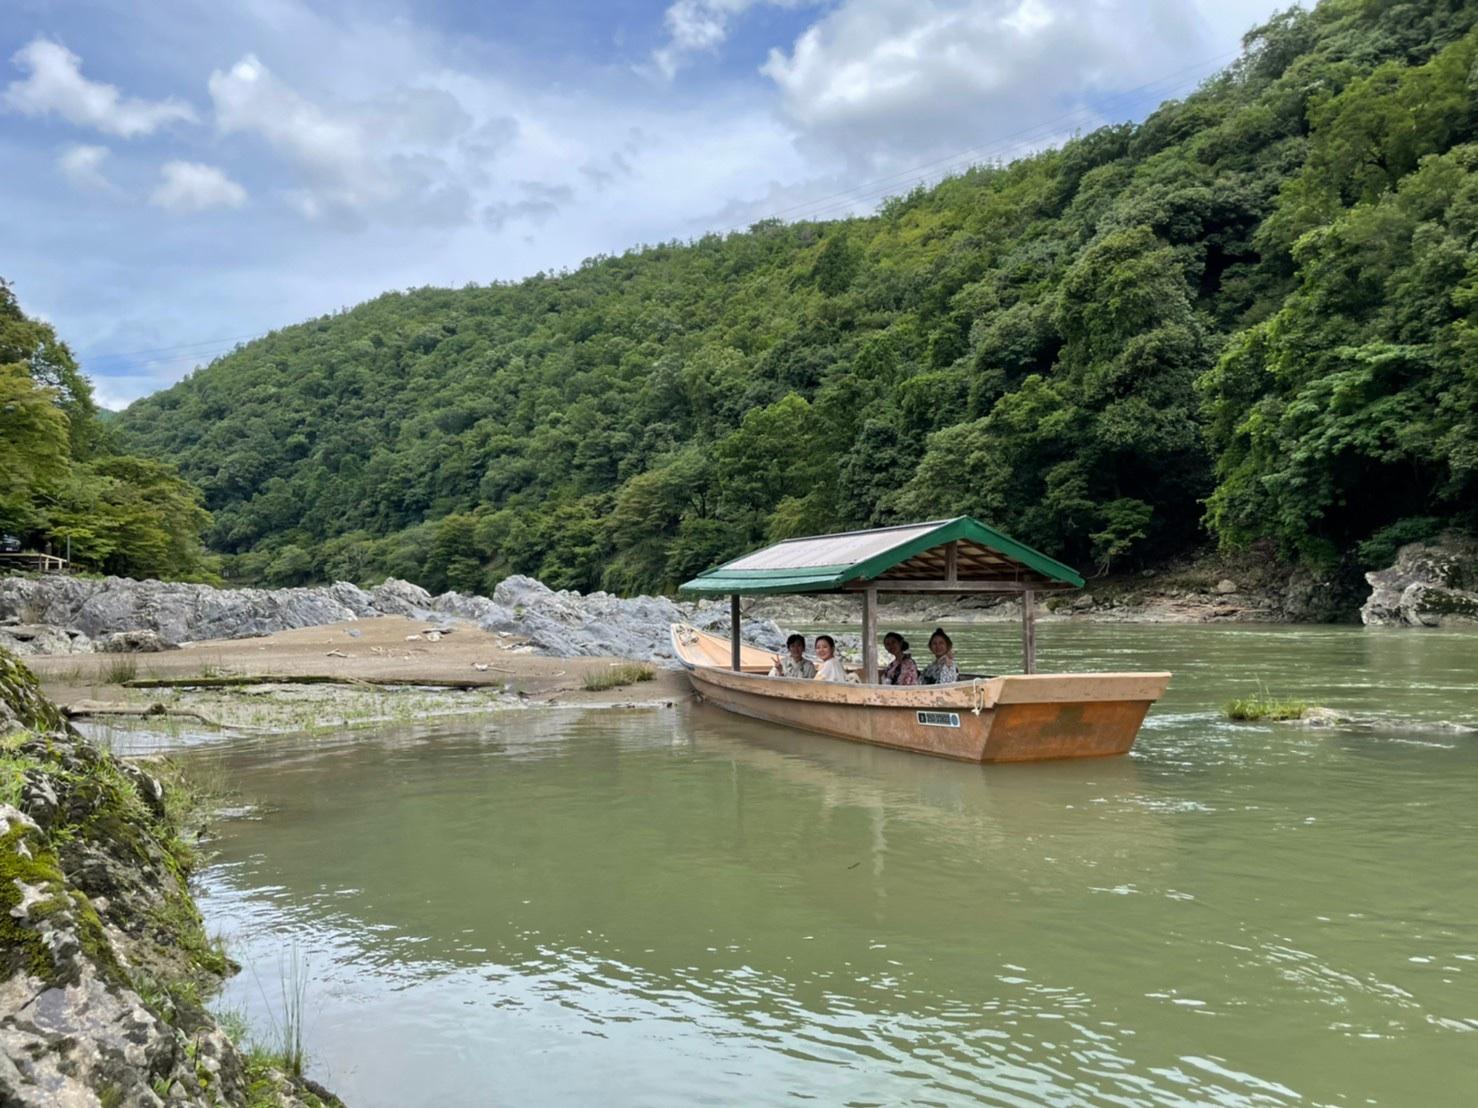 夏の涼を求めて屋形船